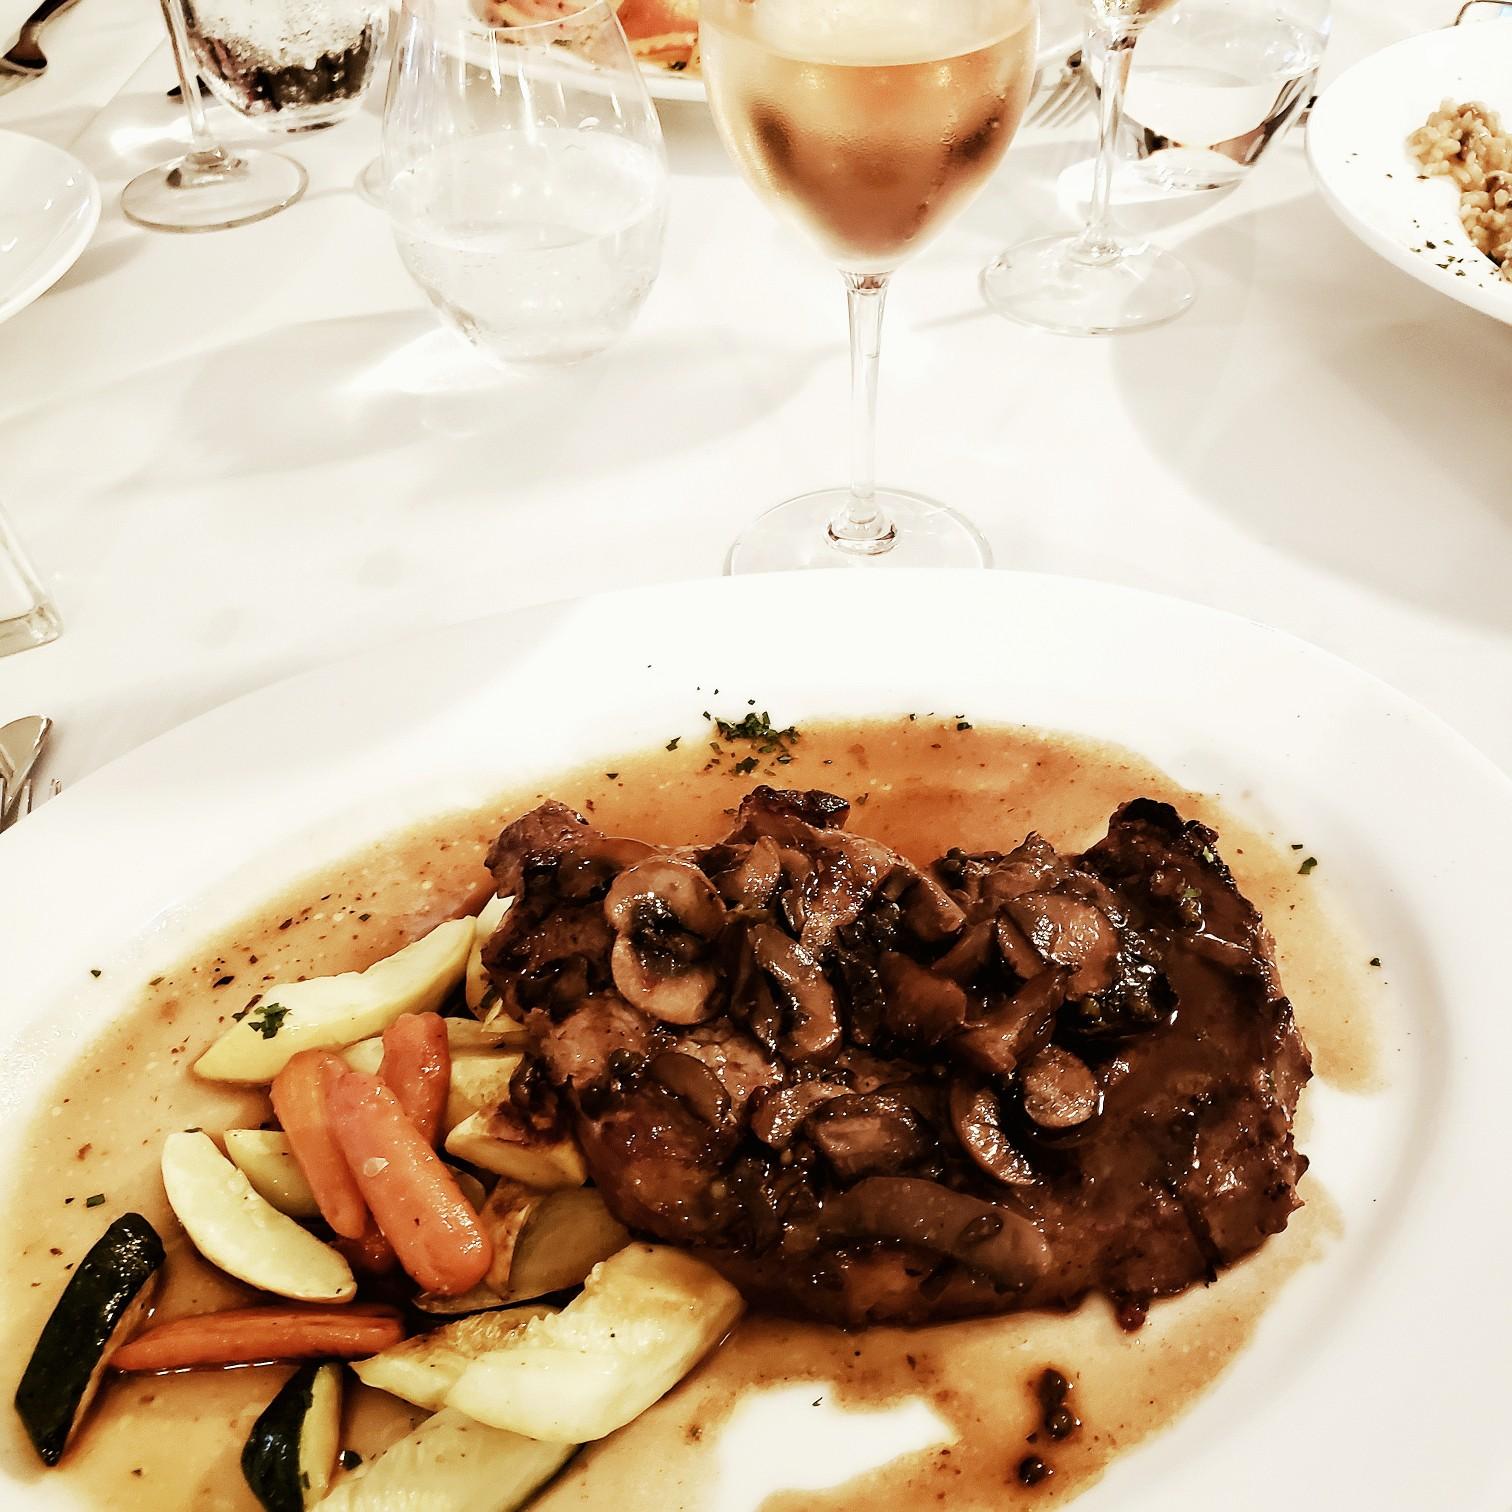 Steak Dinner at Olivia Restaurant & Bar